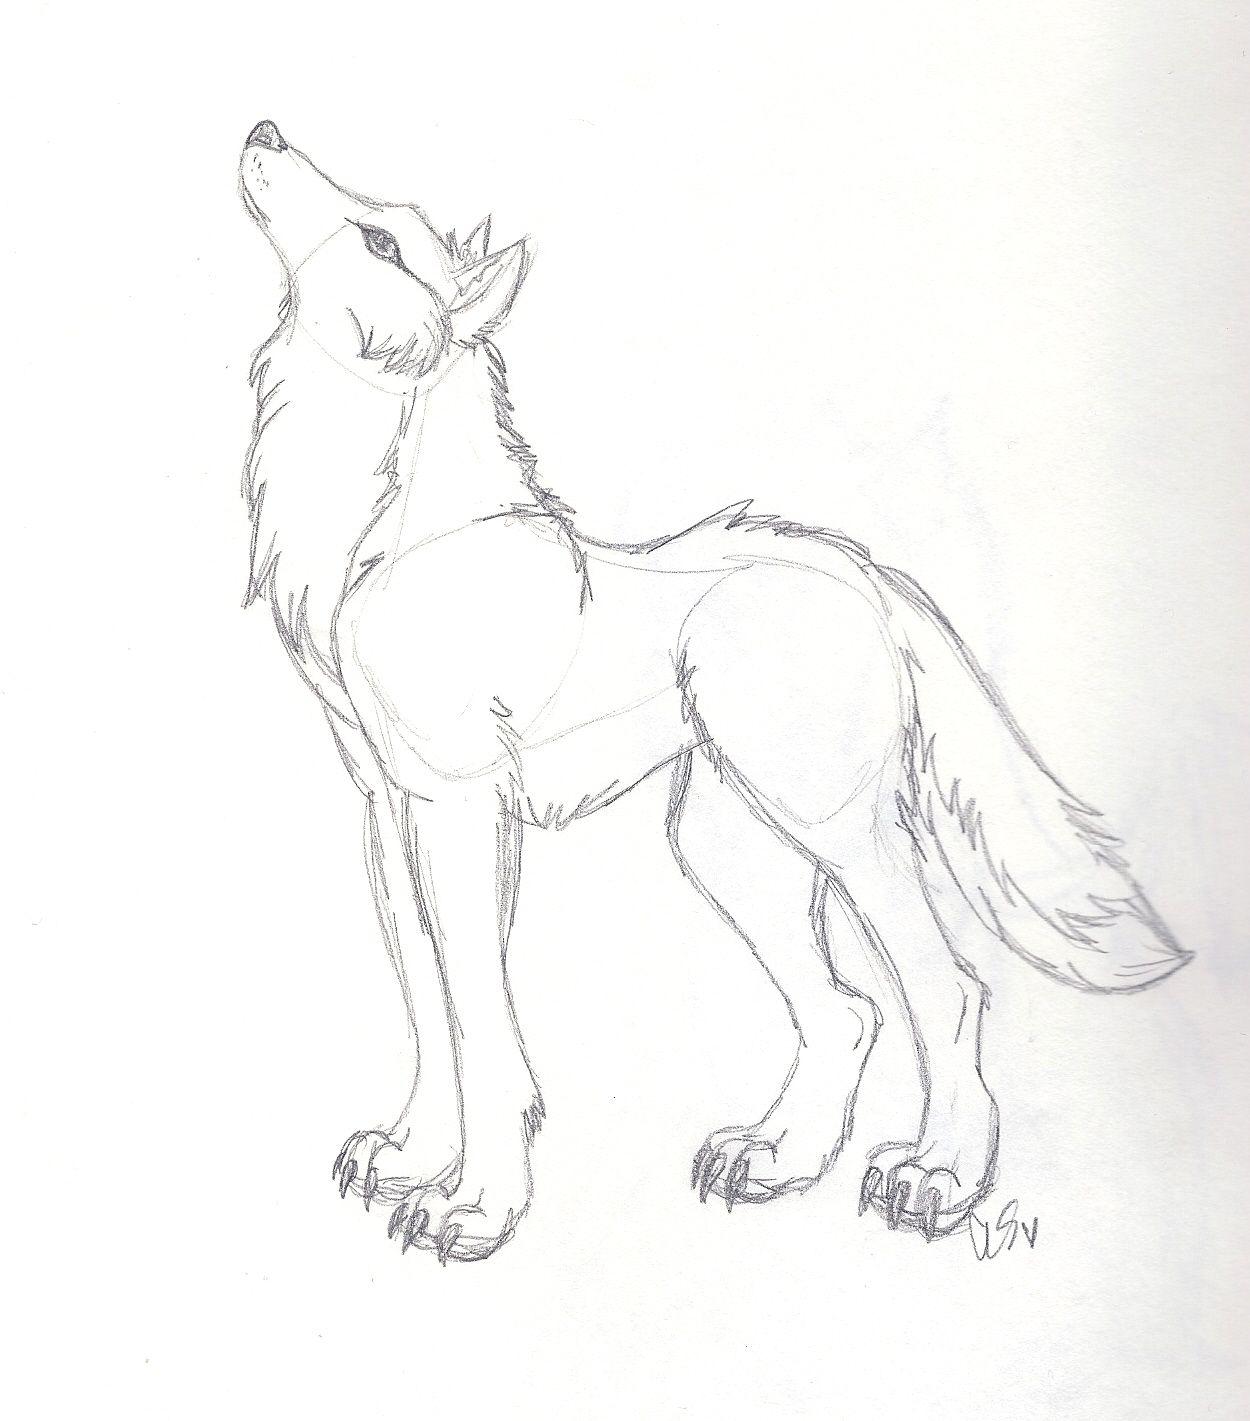 сидящий волк рисунок карандашом долго строительство куполов